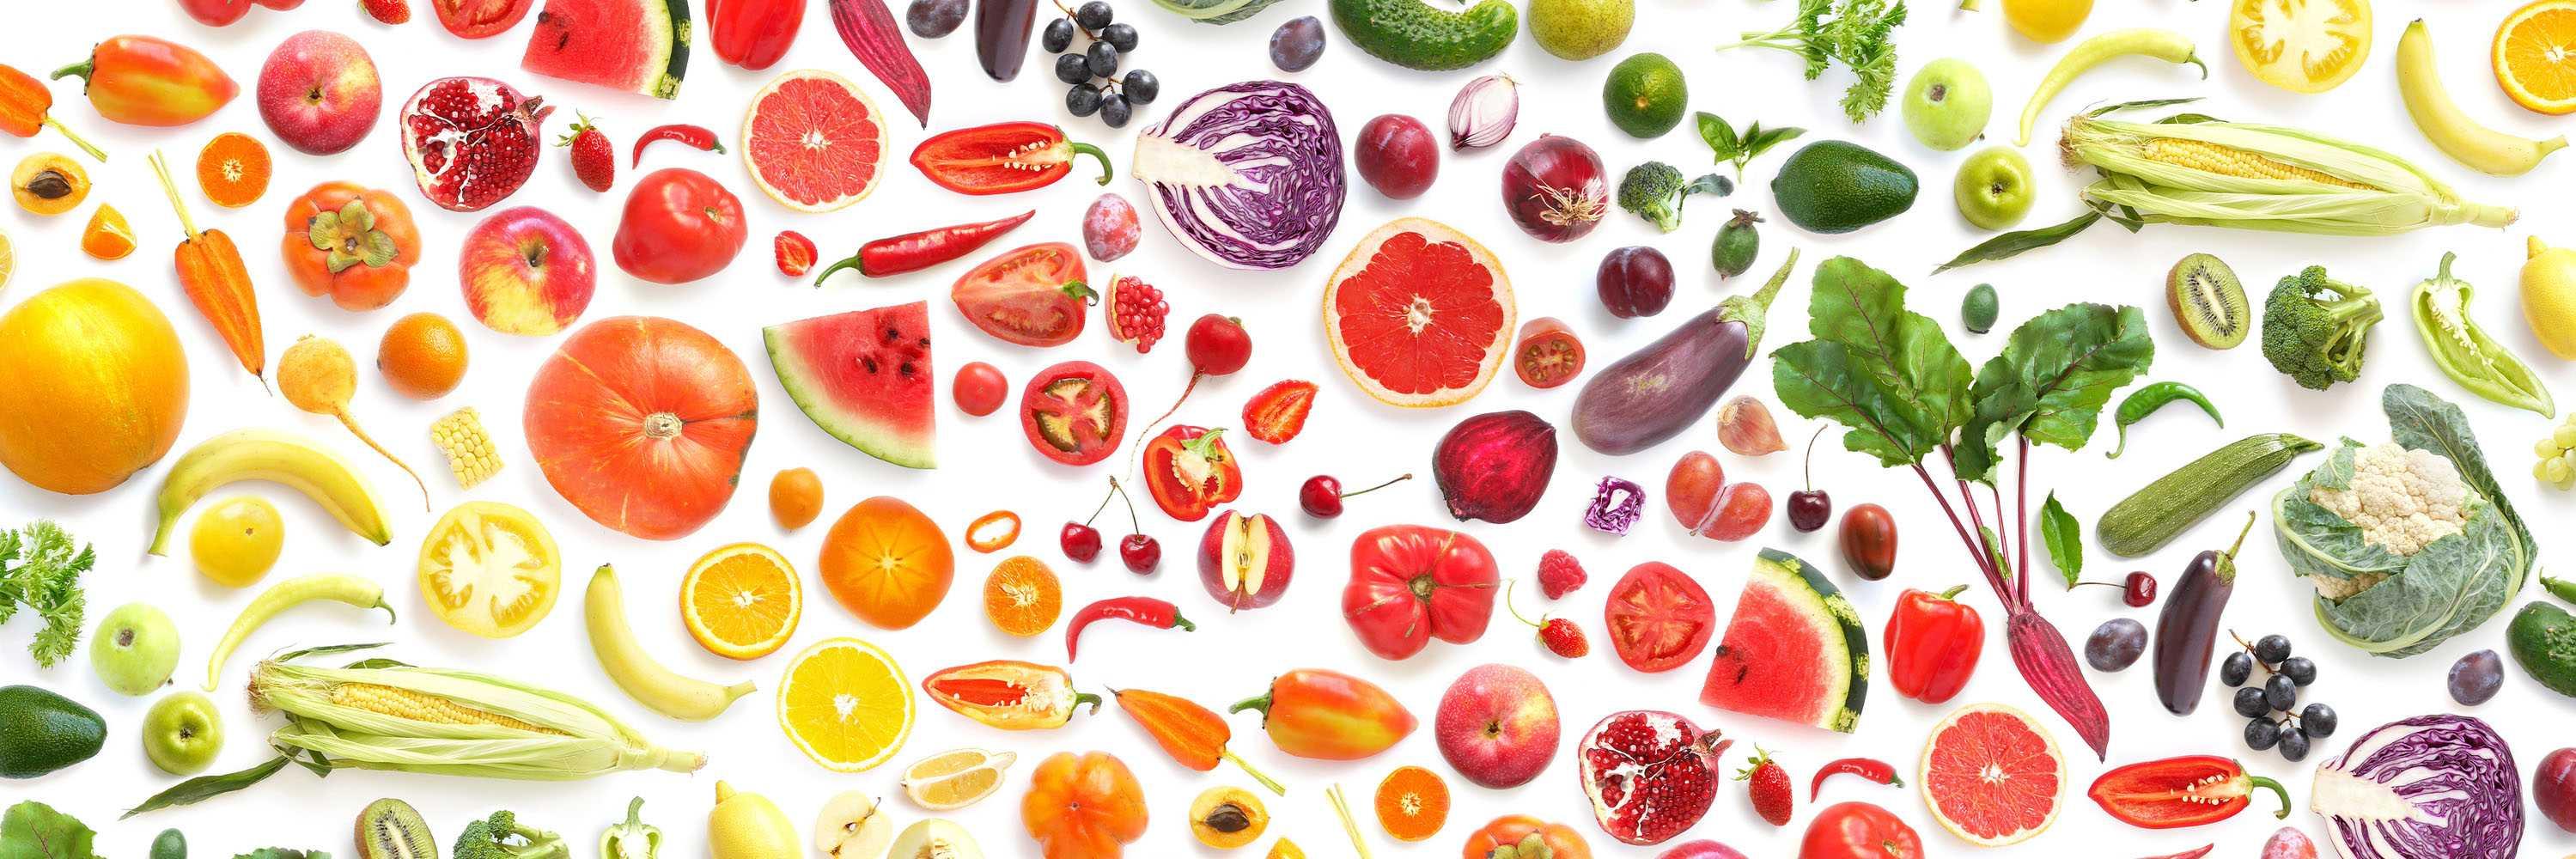 ¿De dónde surgen las nuevas variedades de frutas y hortalizas?